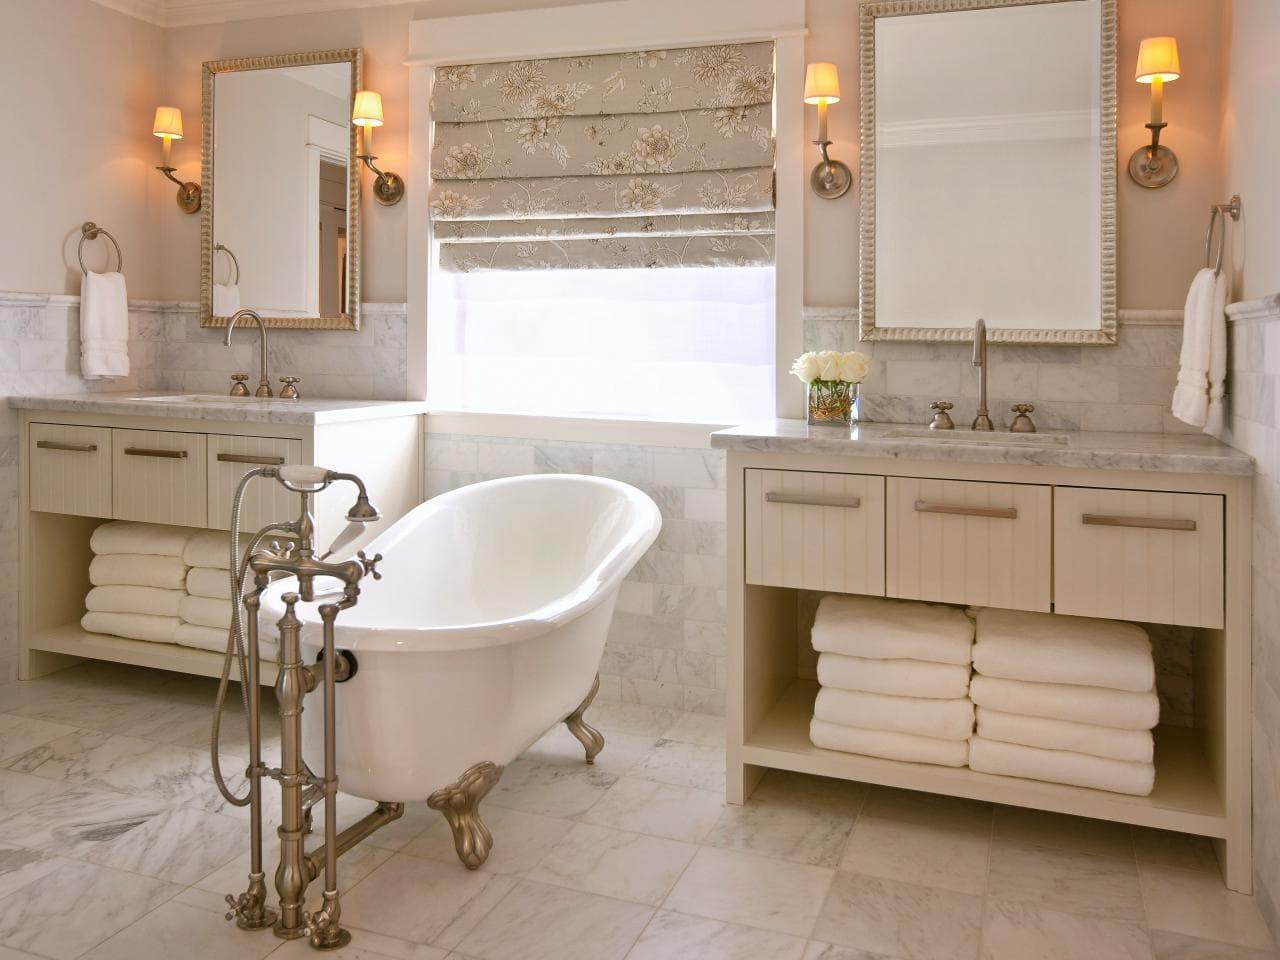 بالصور حمامات داخل غرف النوم , كيفية تنسيق الوان الحمامات مع باقى المنزل